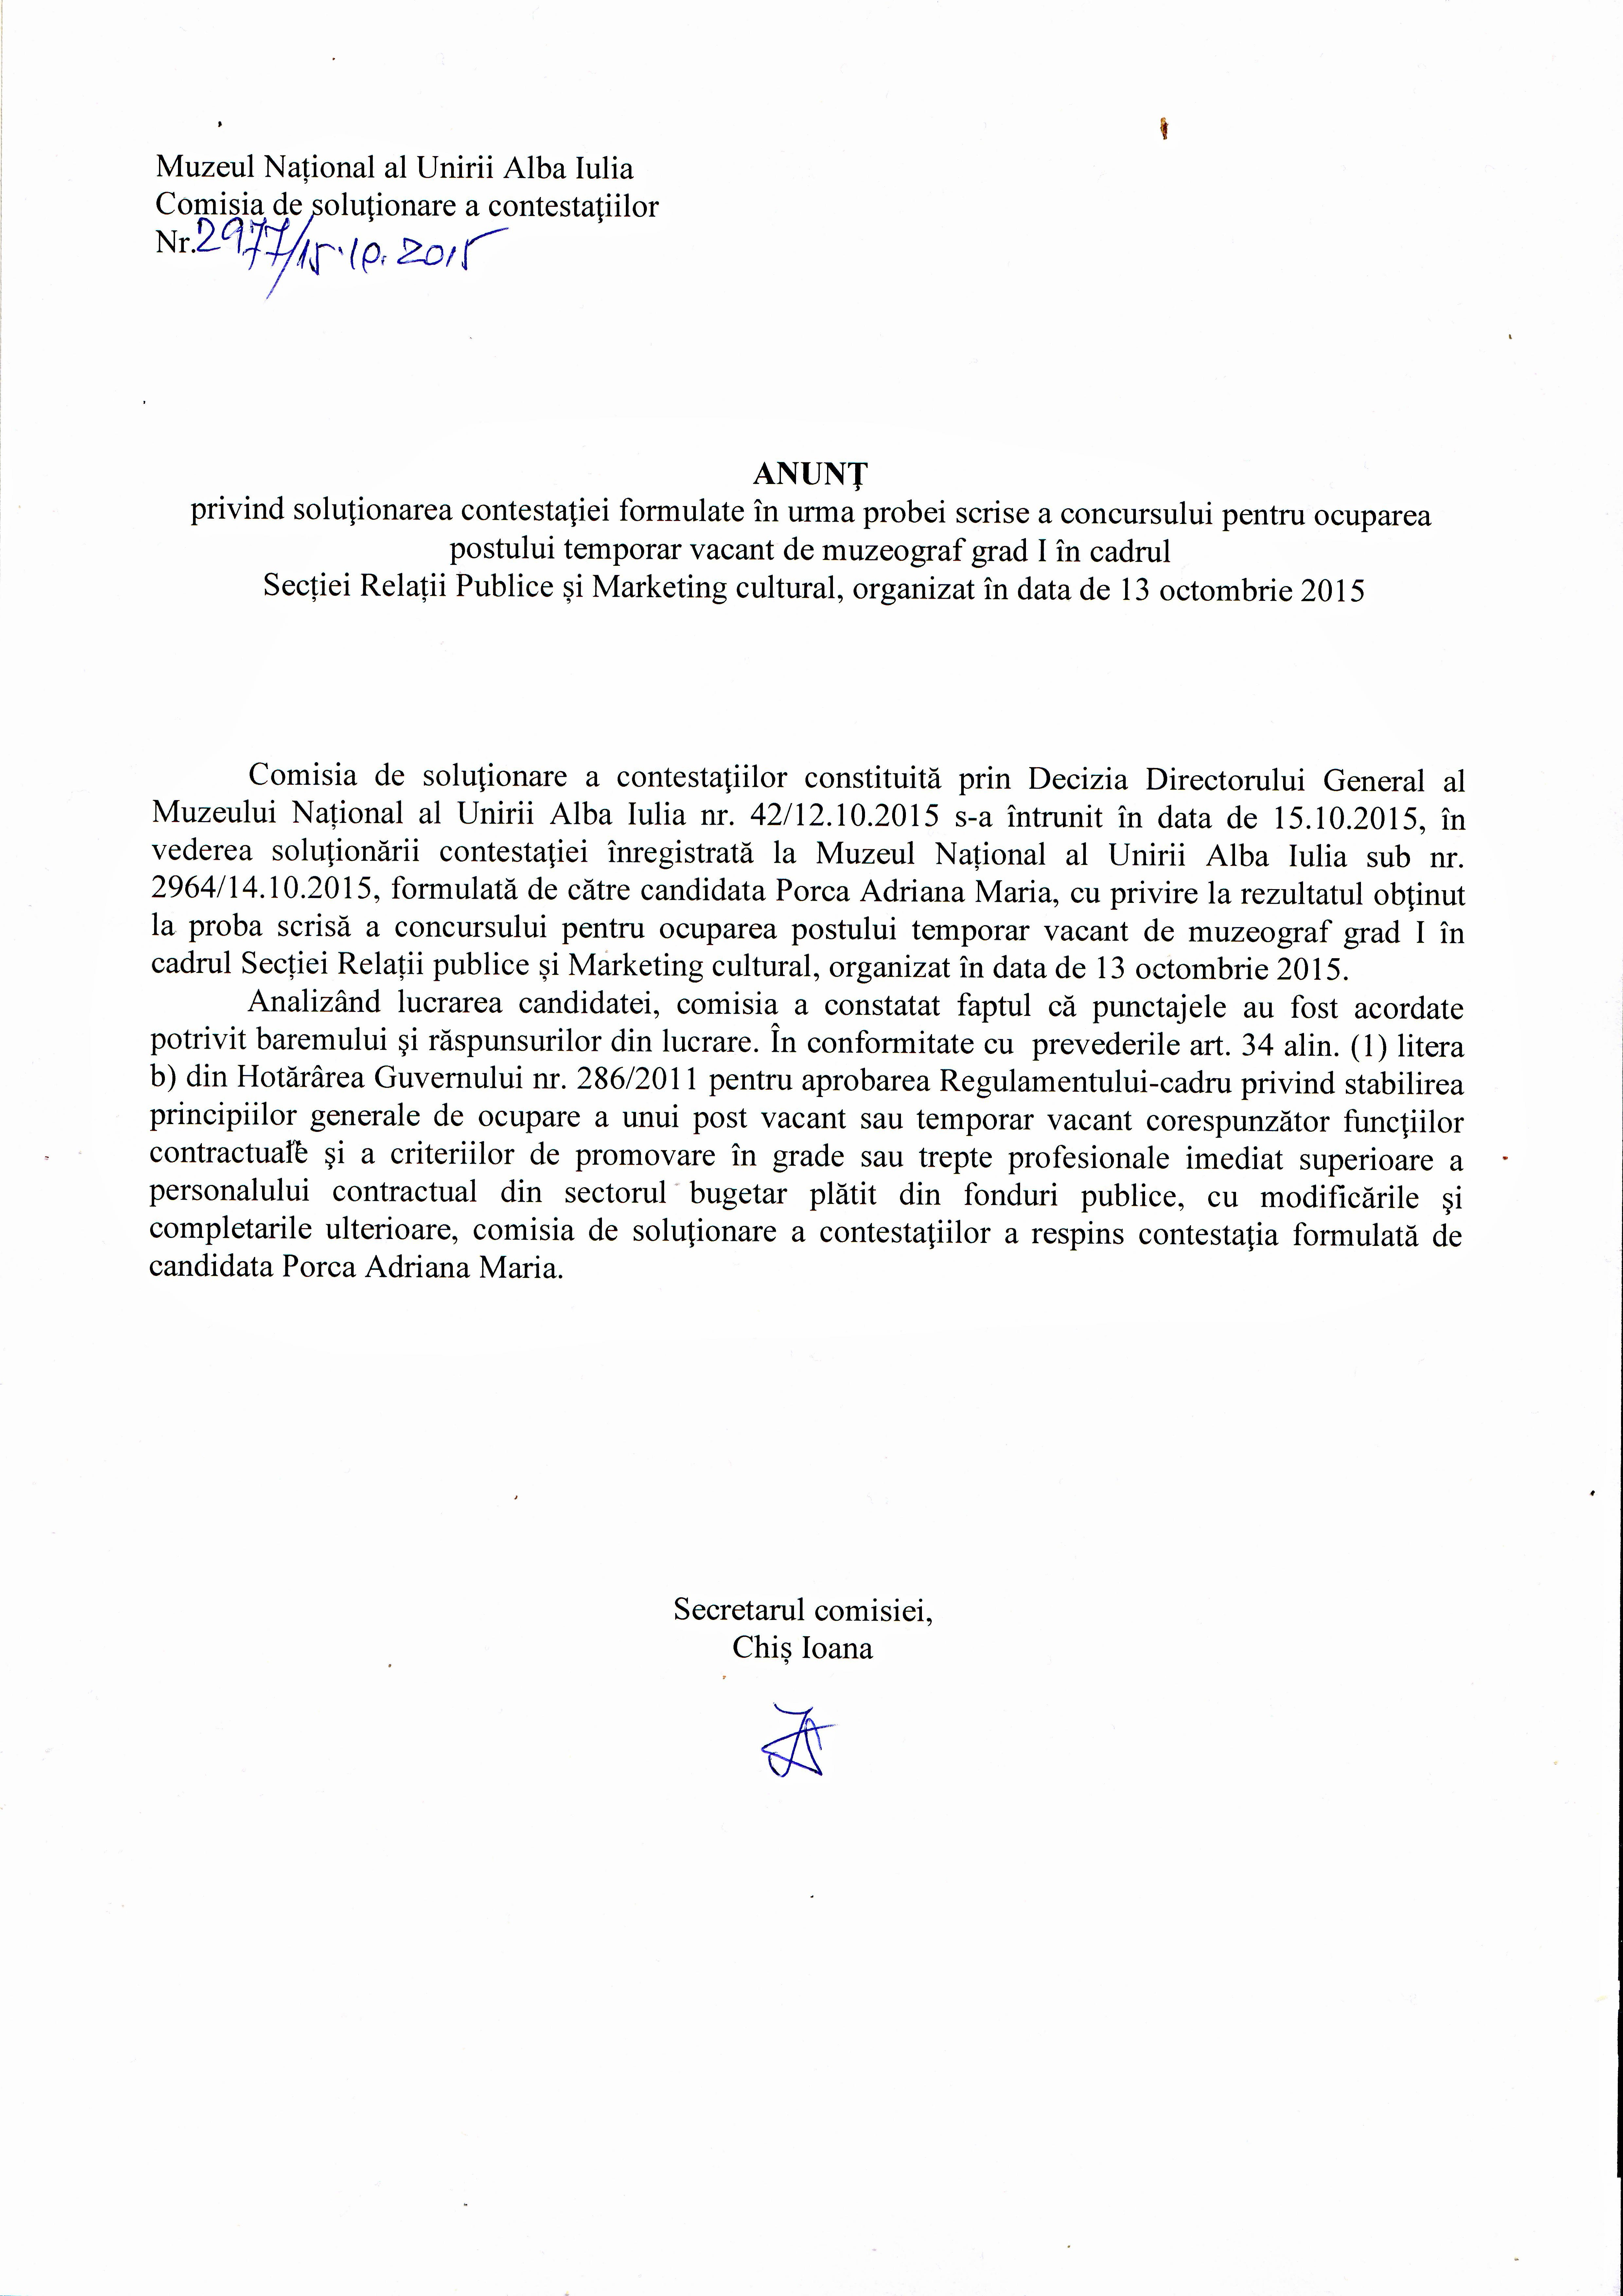 15 octombrie 2015 solutionarea contestatiei